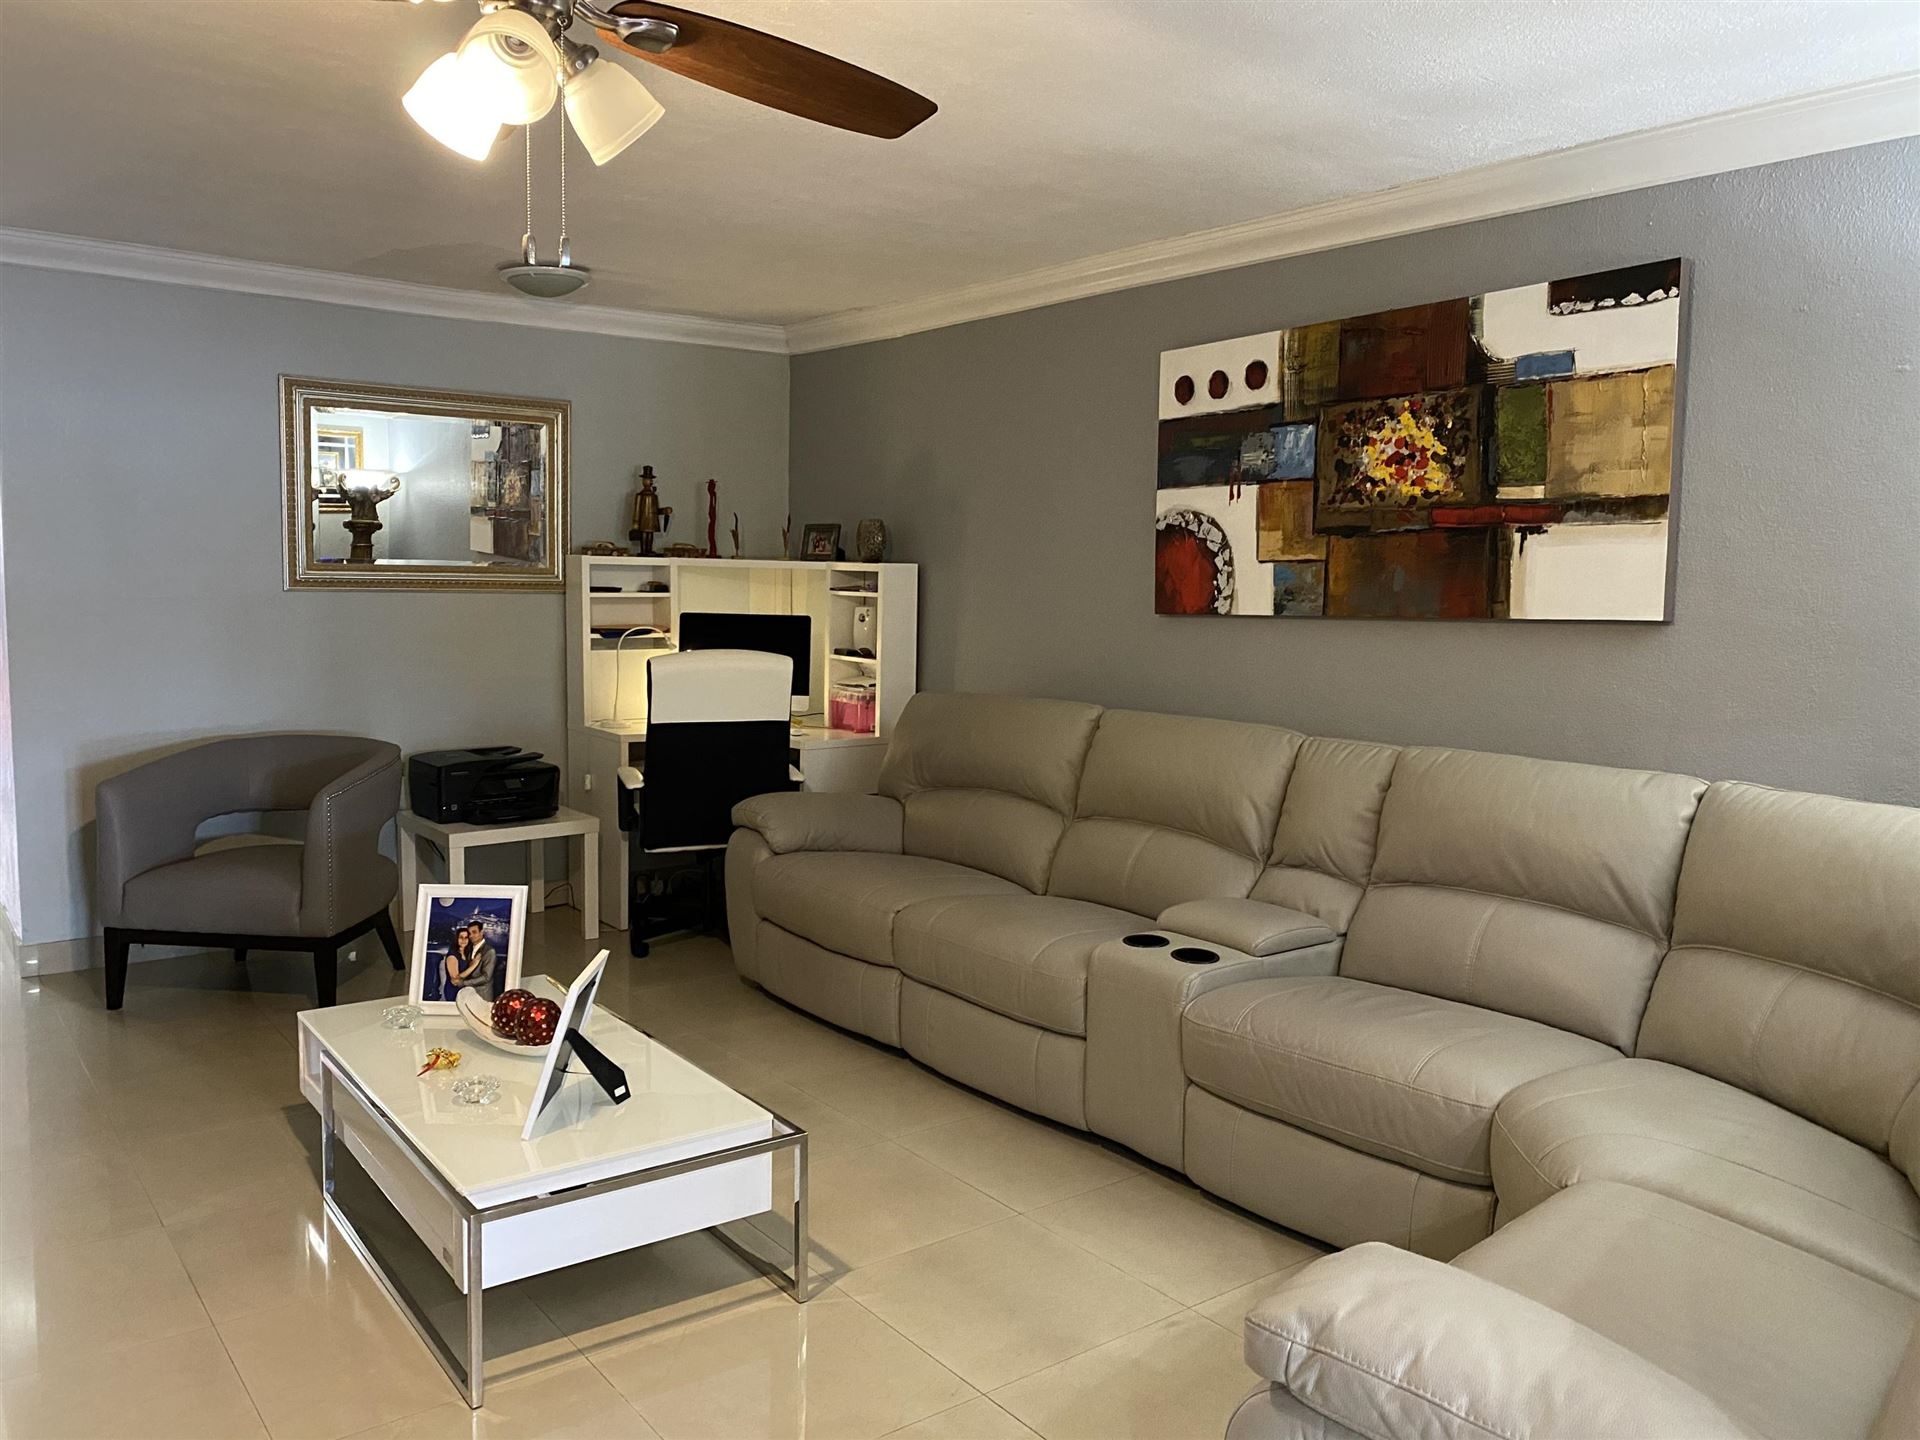 Photo of 1557 W 73rd Street, Hialeah, FL 33014 (MLS # RX-10666180)